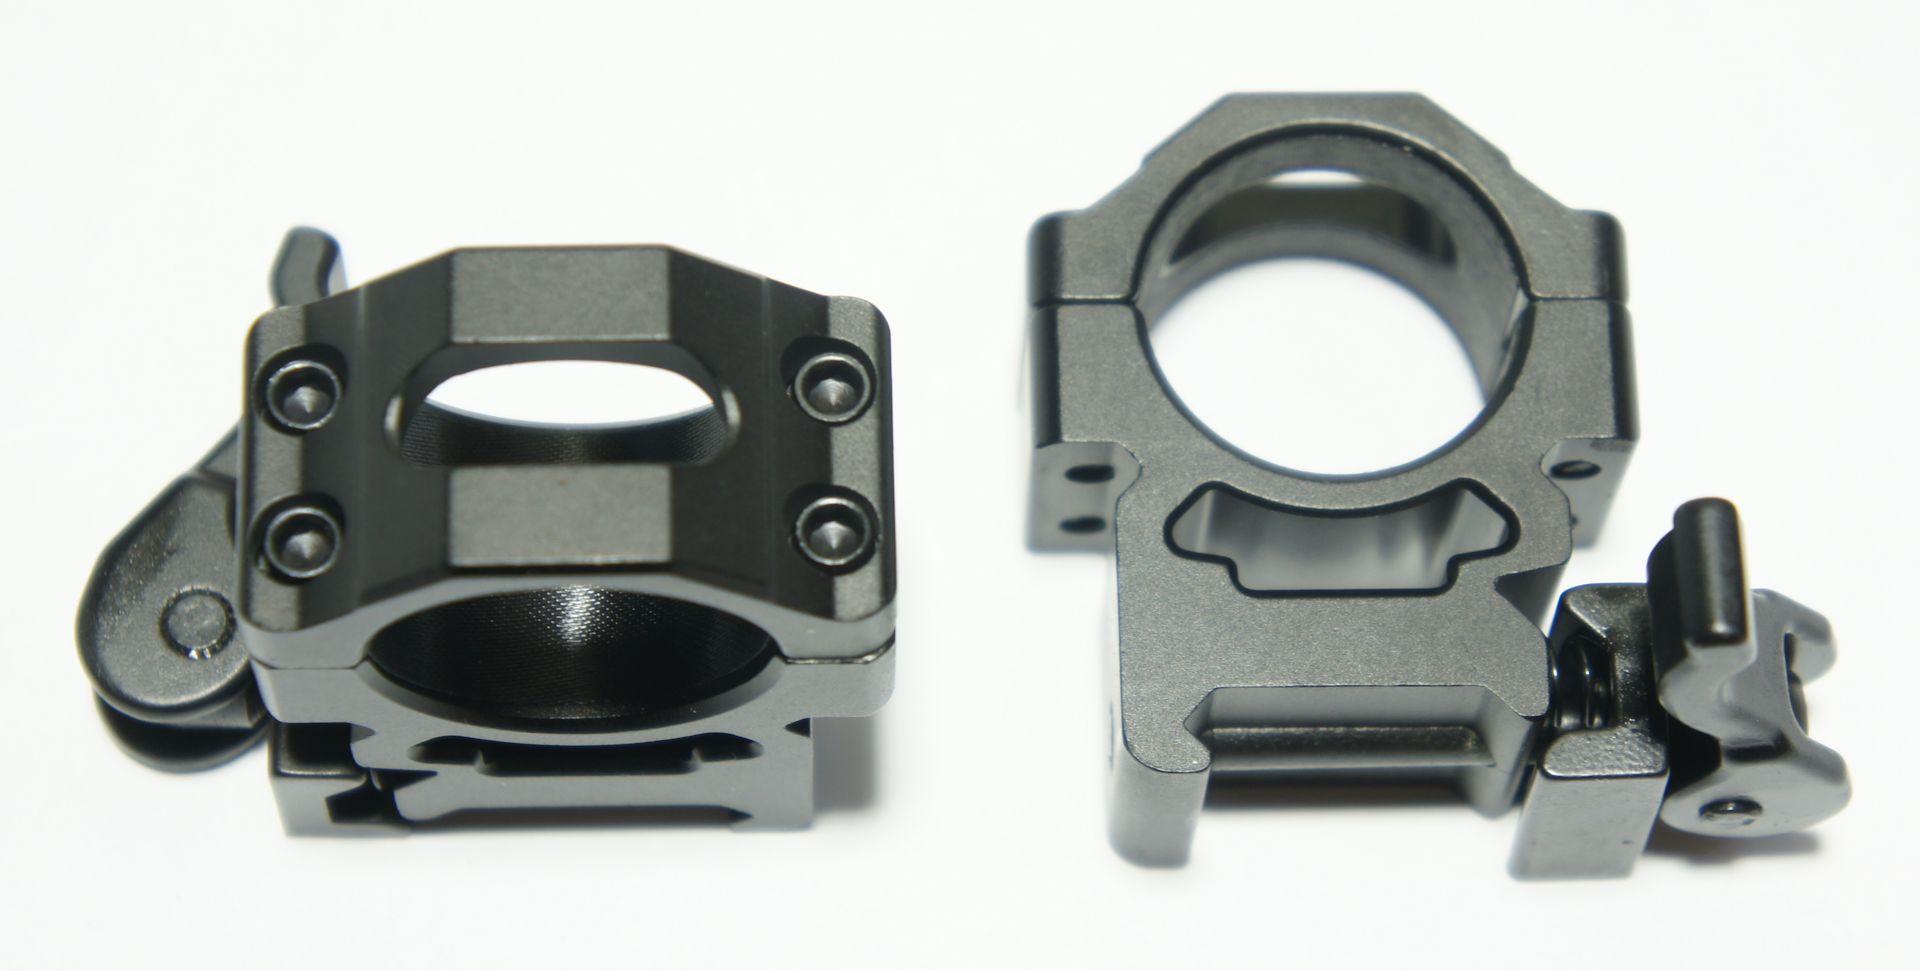 Montageringe 1 Zoll = 25mm für Schienenbreite 21mmMontageringe 1 Zoll = 25mm für Schienenbreite 21mm